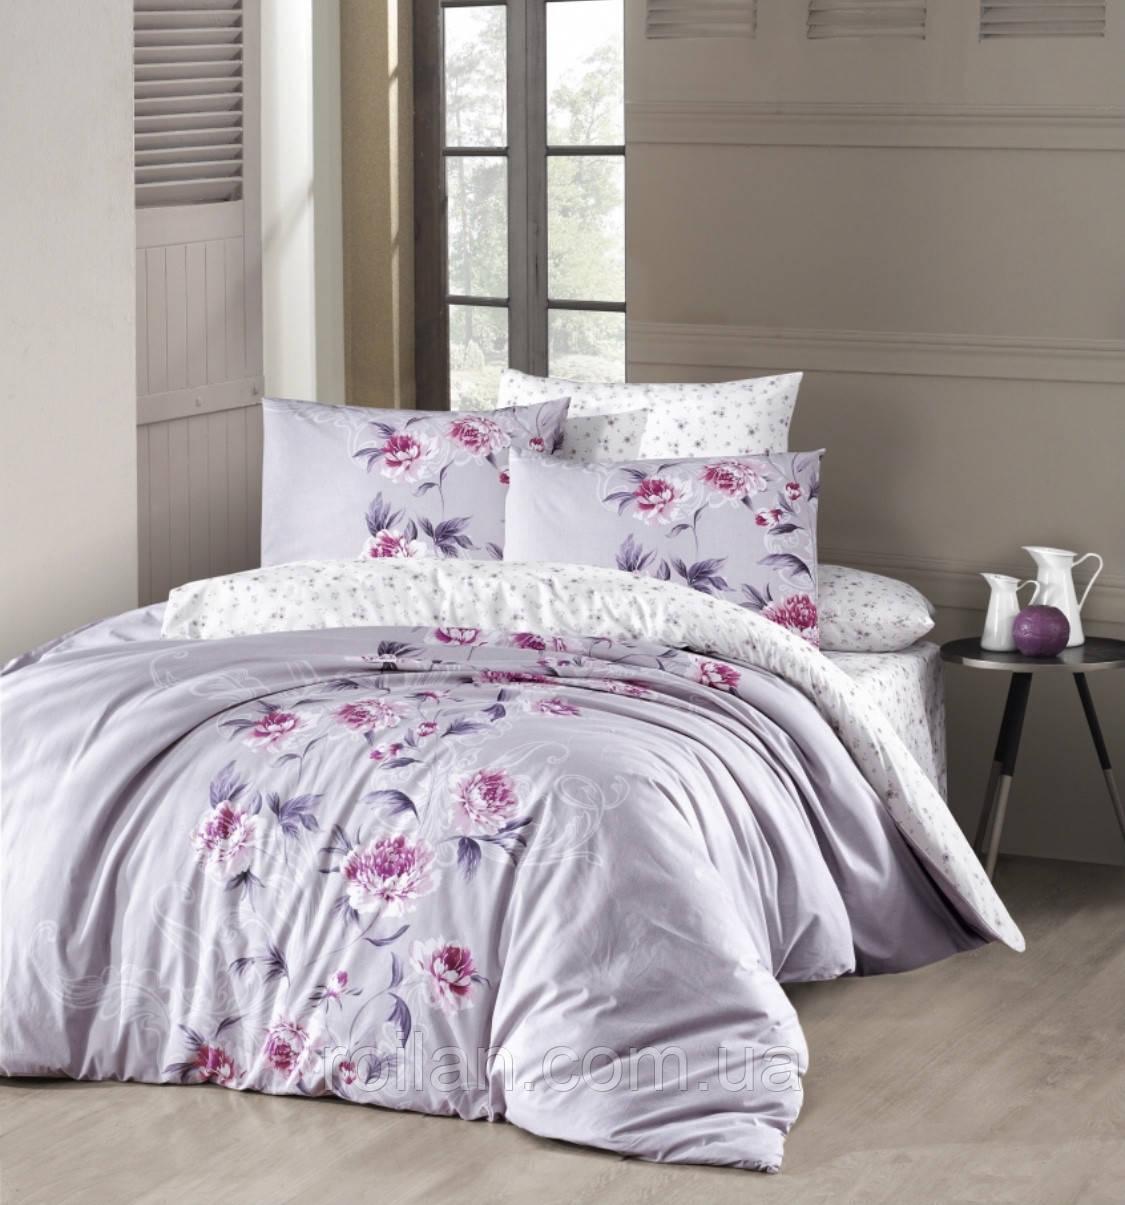 Евро комплект постельного белья First Choice Ranforce